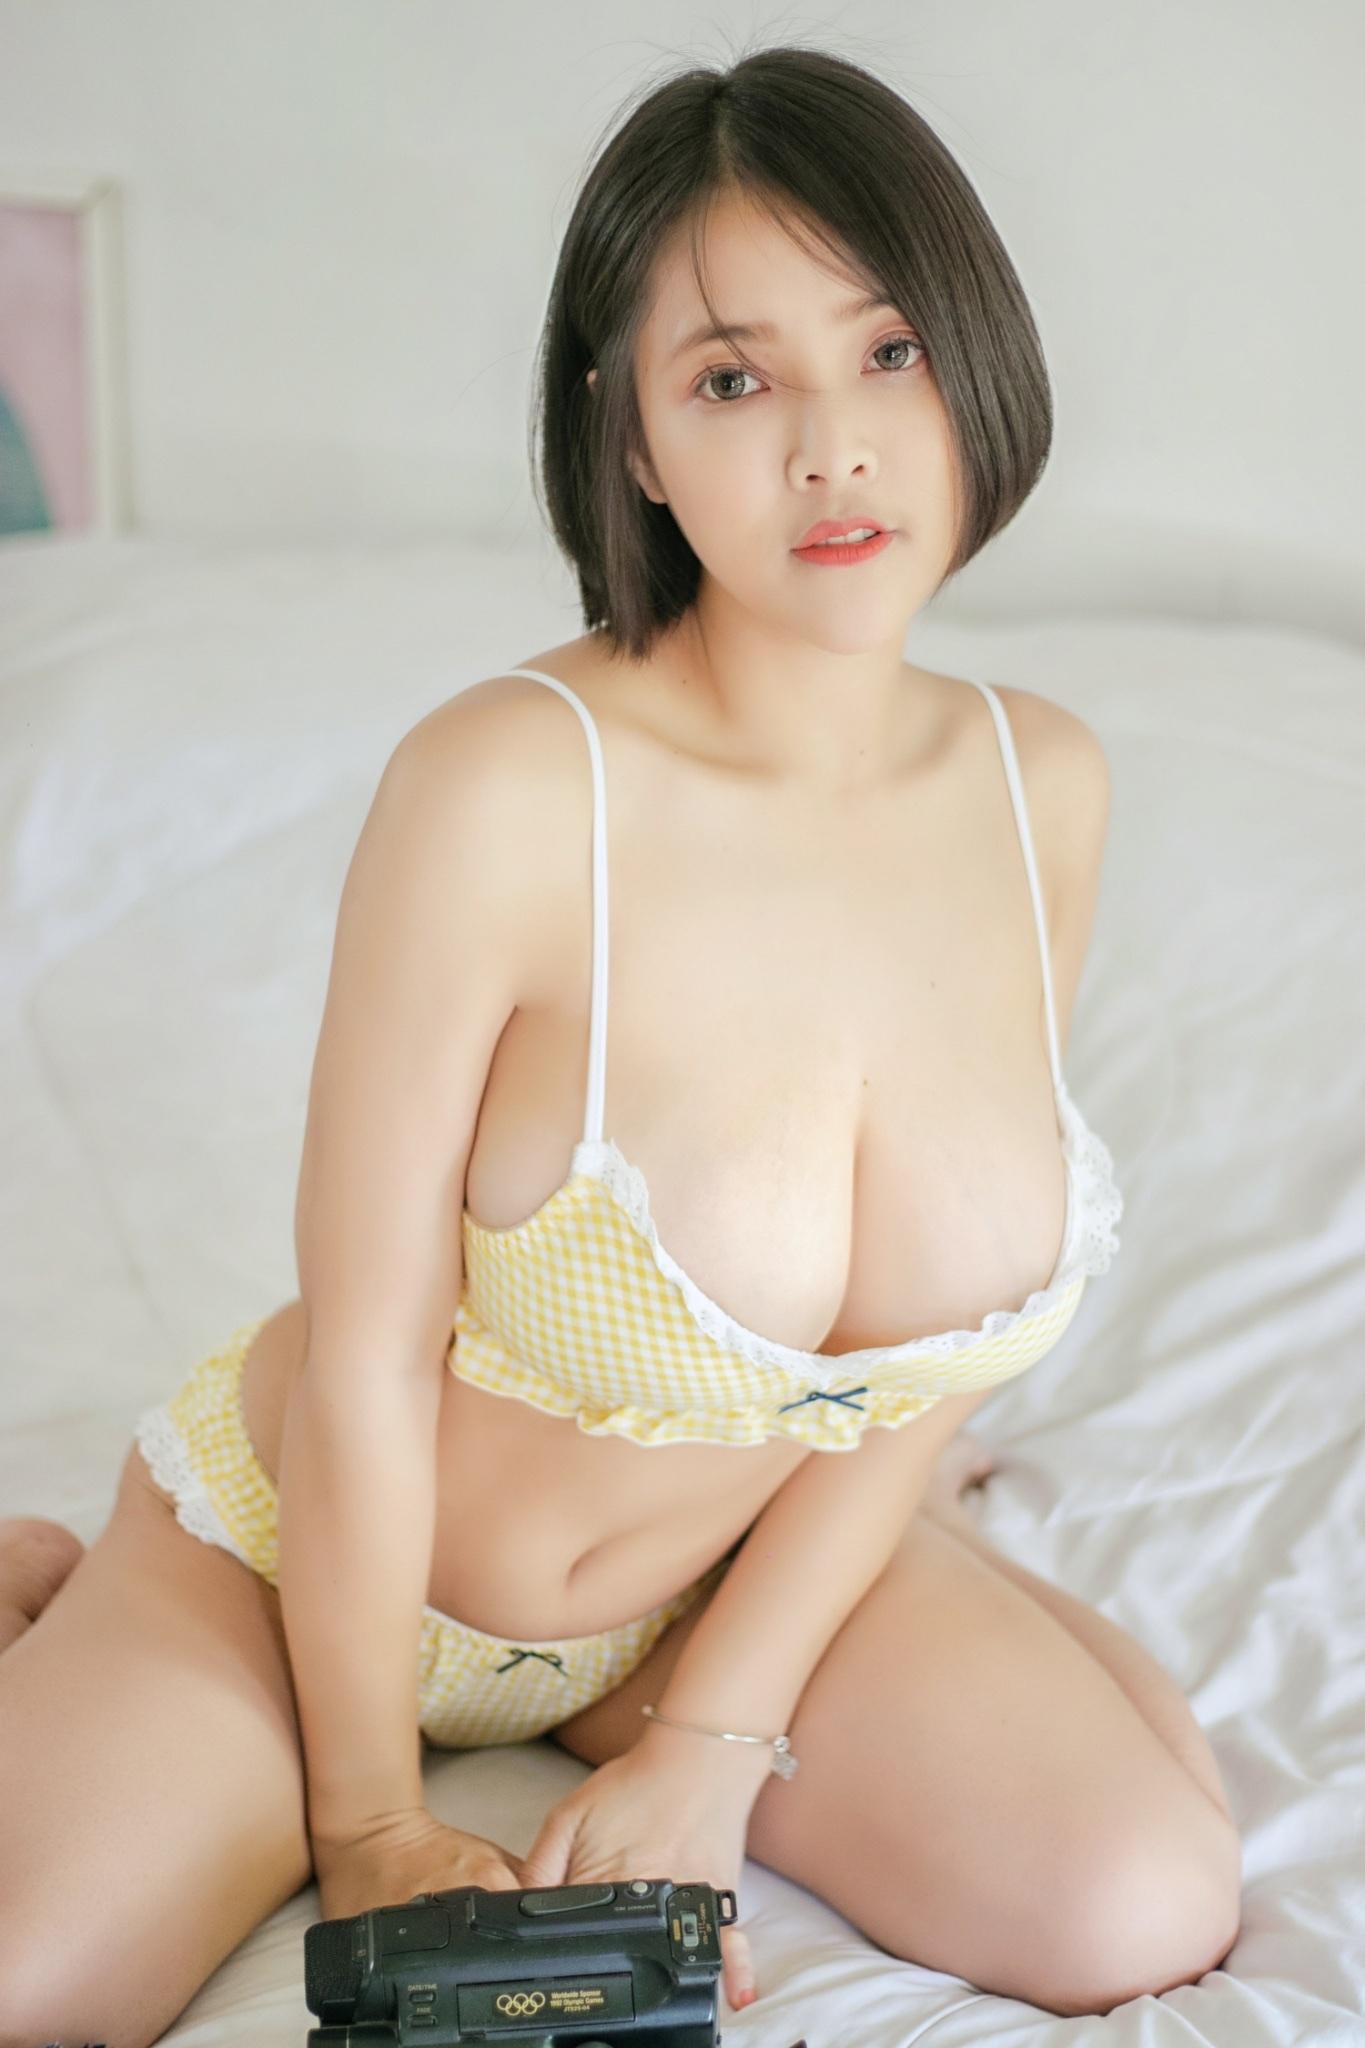 Nui Nui Milkoo ชุดนอนเซ็กซี่ สาวสวยเซ็กซี่ ใครเห็นเป็นต้องแข็งไปทั้งตัวแน่นอน นมใหญ่